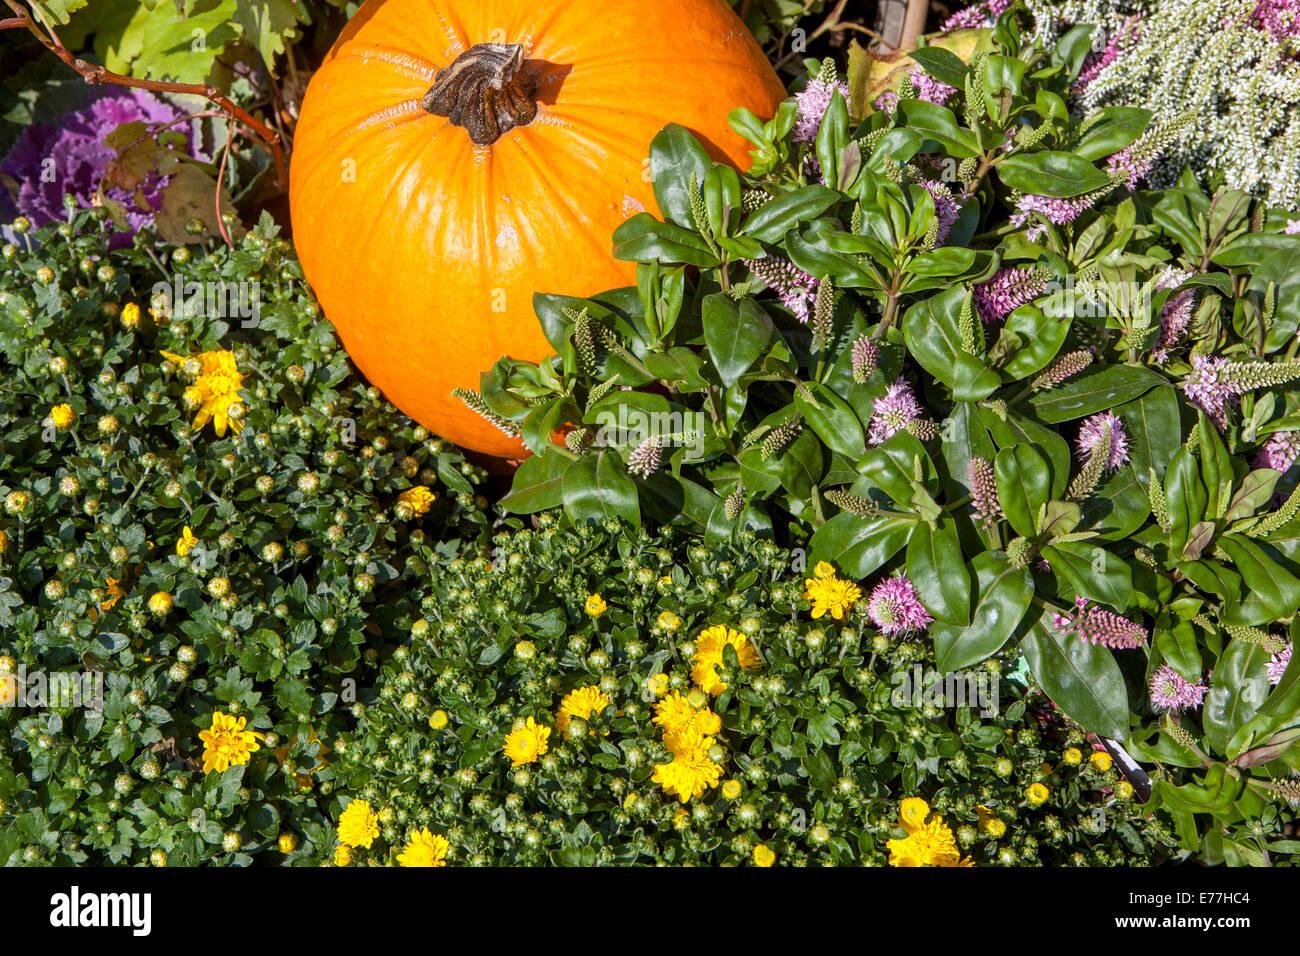 Zucche, squash, piante, visualizzazione decorativa Immagini Stock